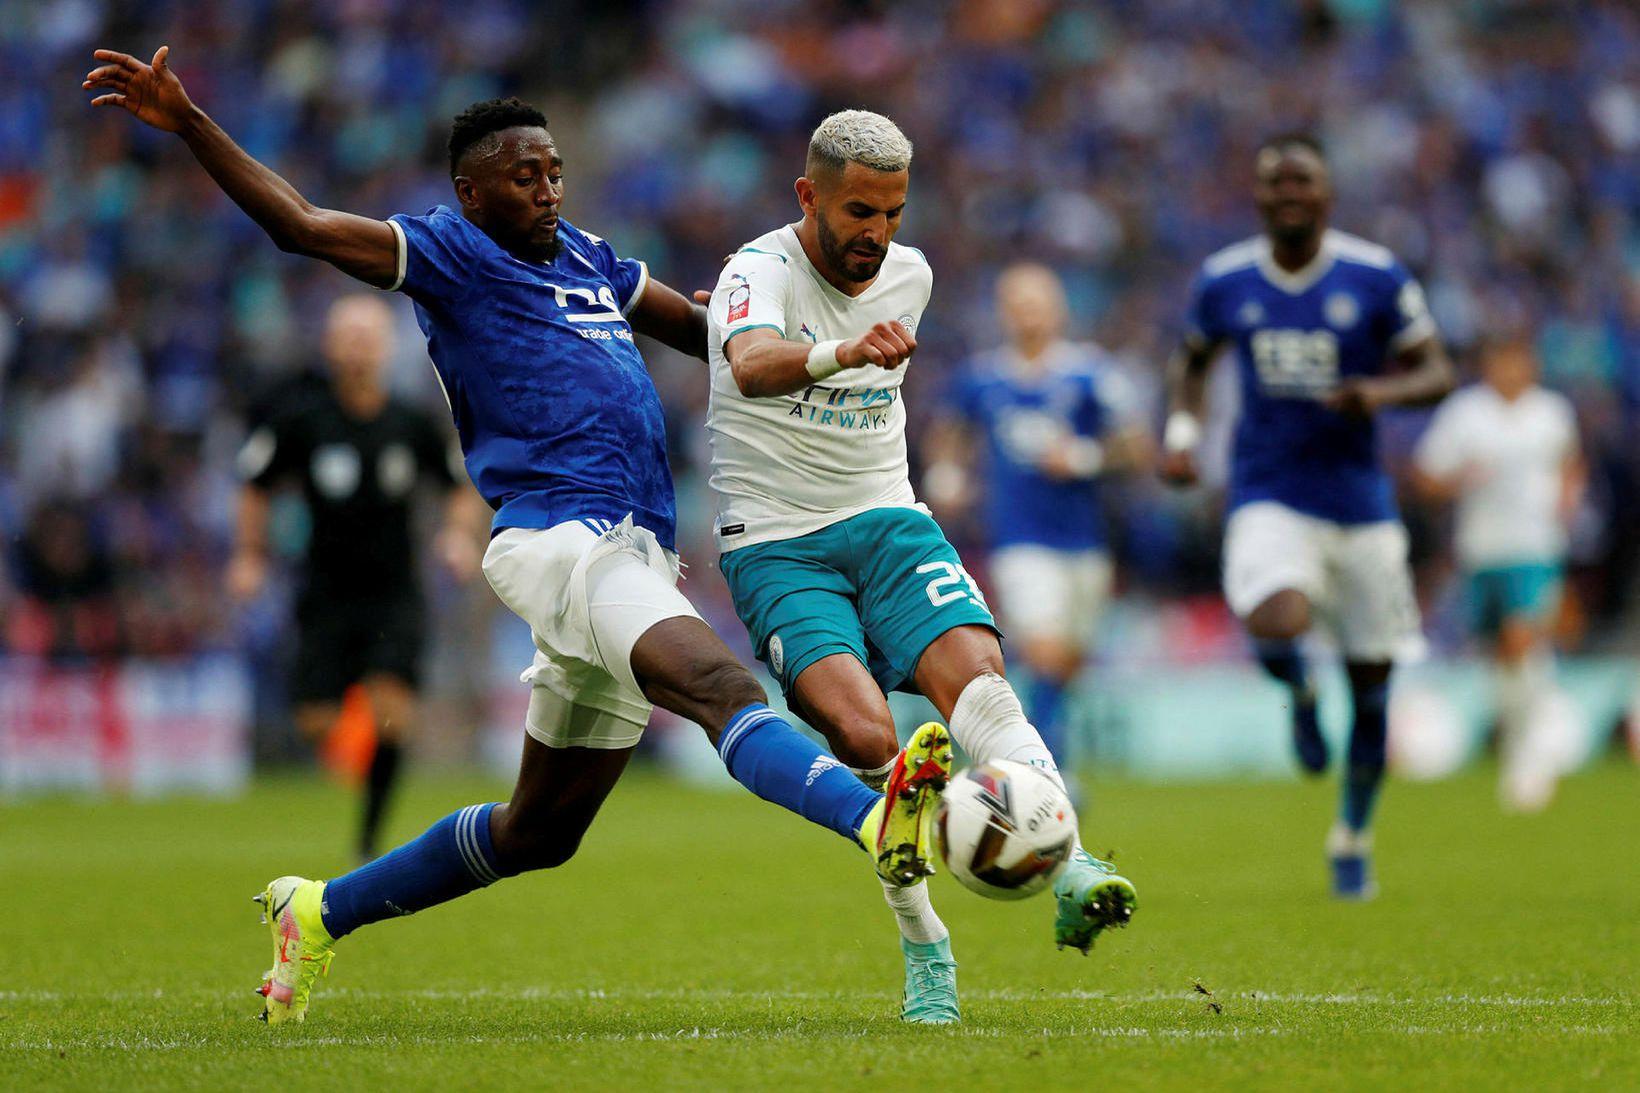 Wilfred Ndidi hjá Leicester og Riyad Mahrez hjá Manchester City …